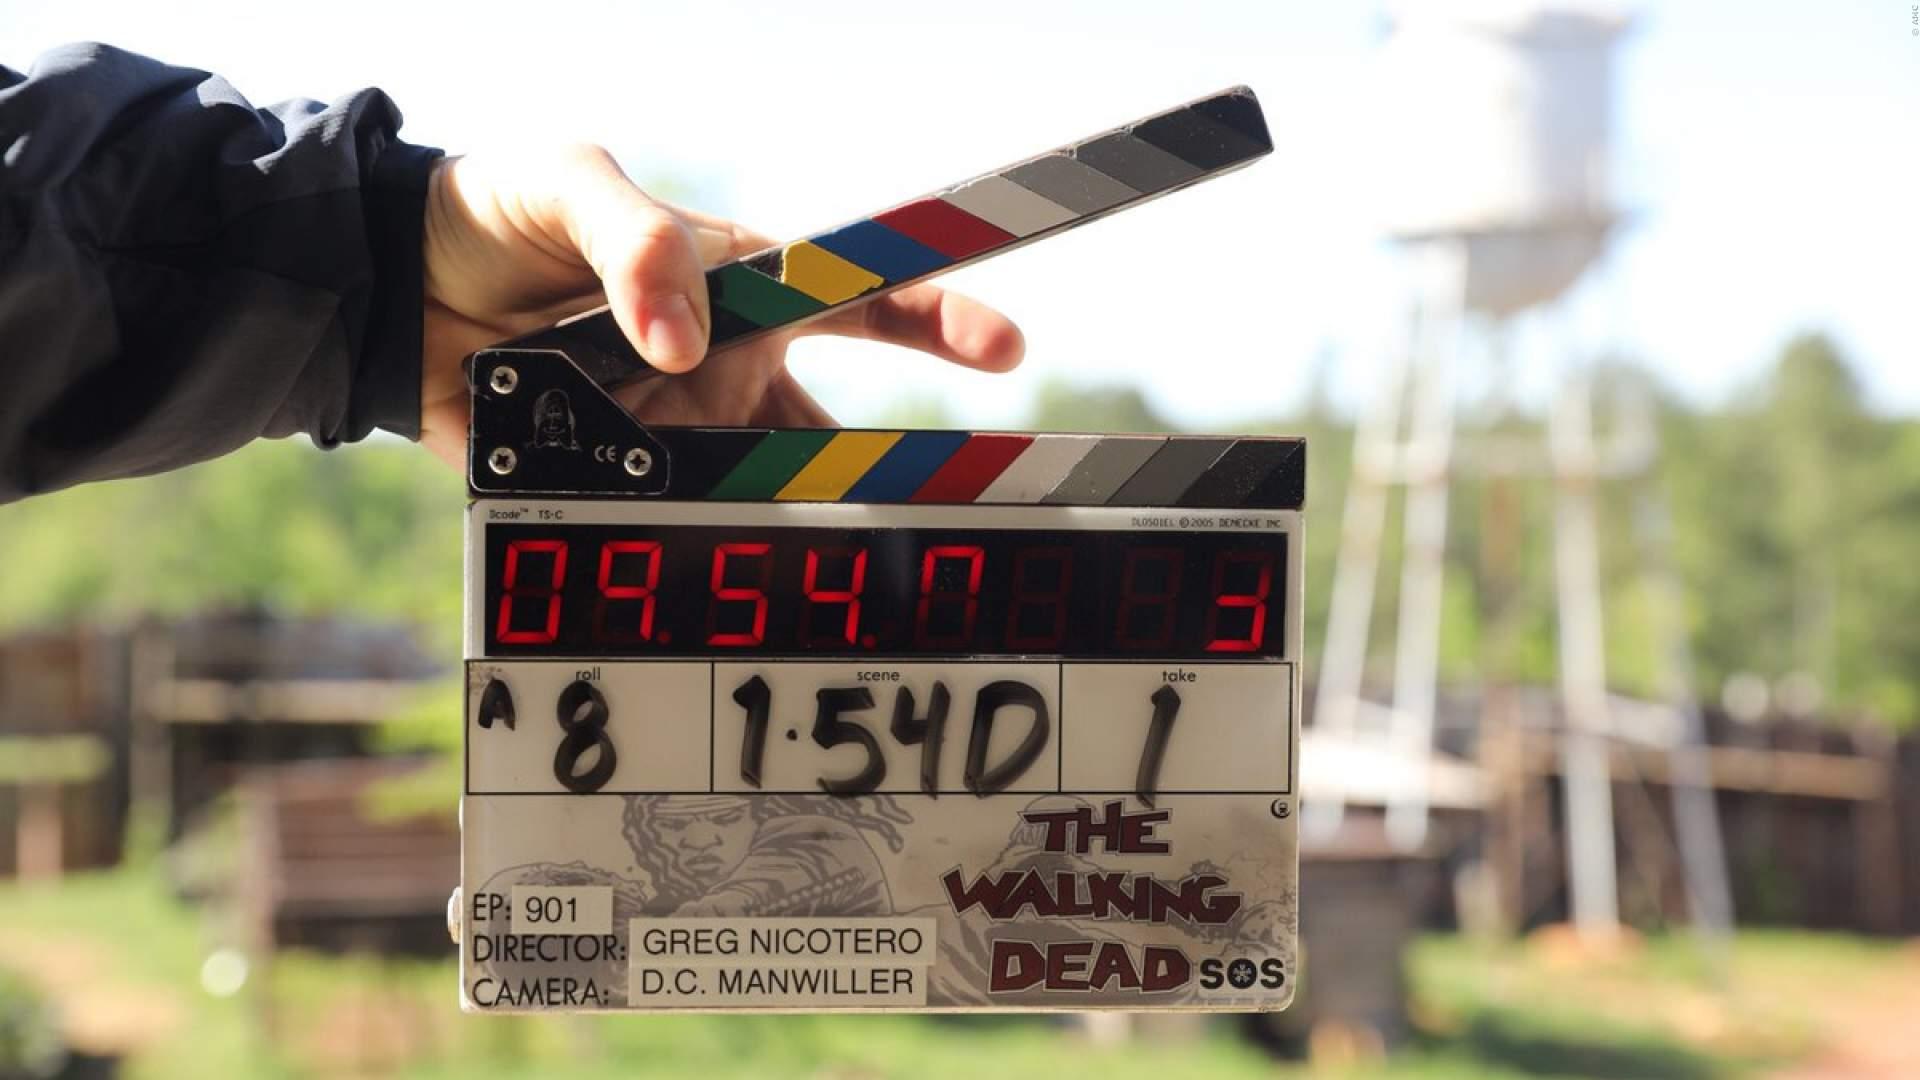 The Walking Dead Staffel 9: Neues Foto bestätigt Gerüchte - Bild 1 von 1